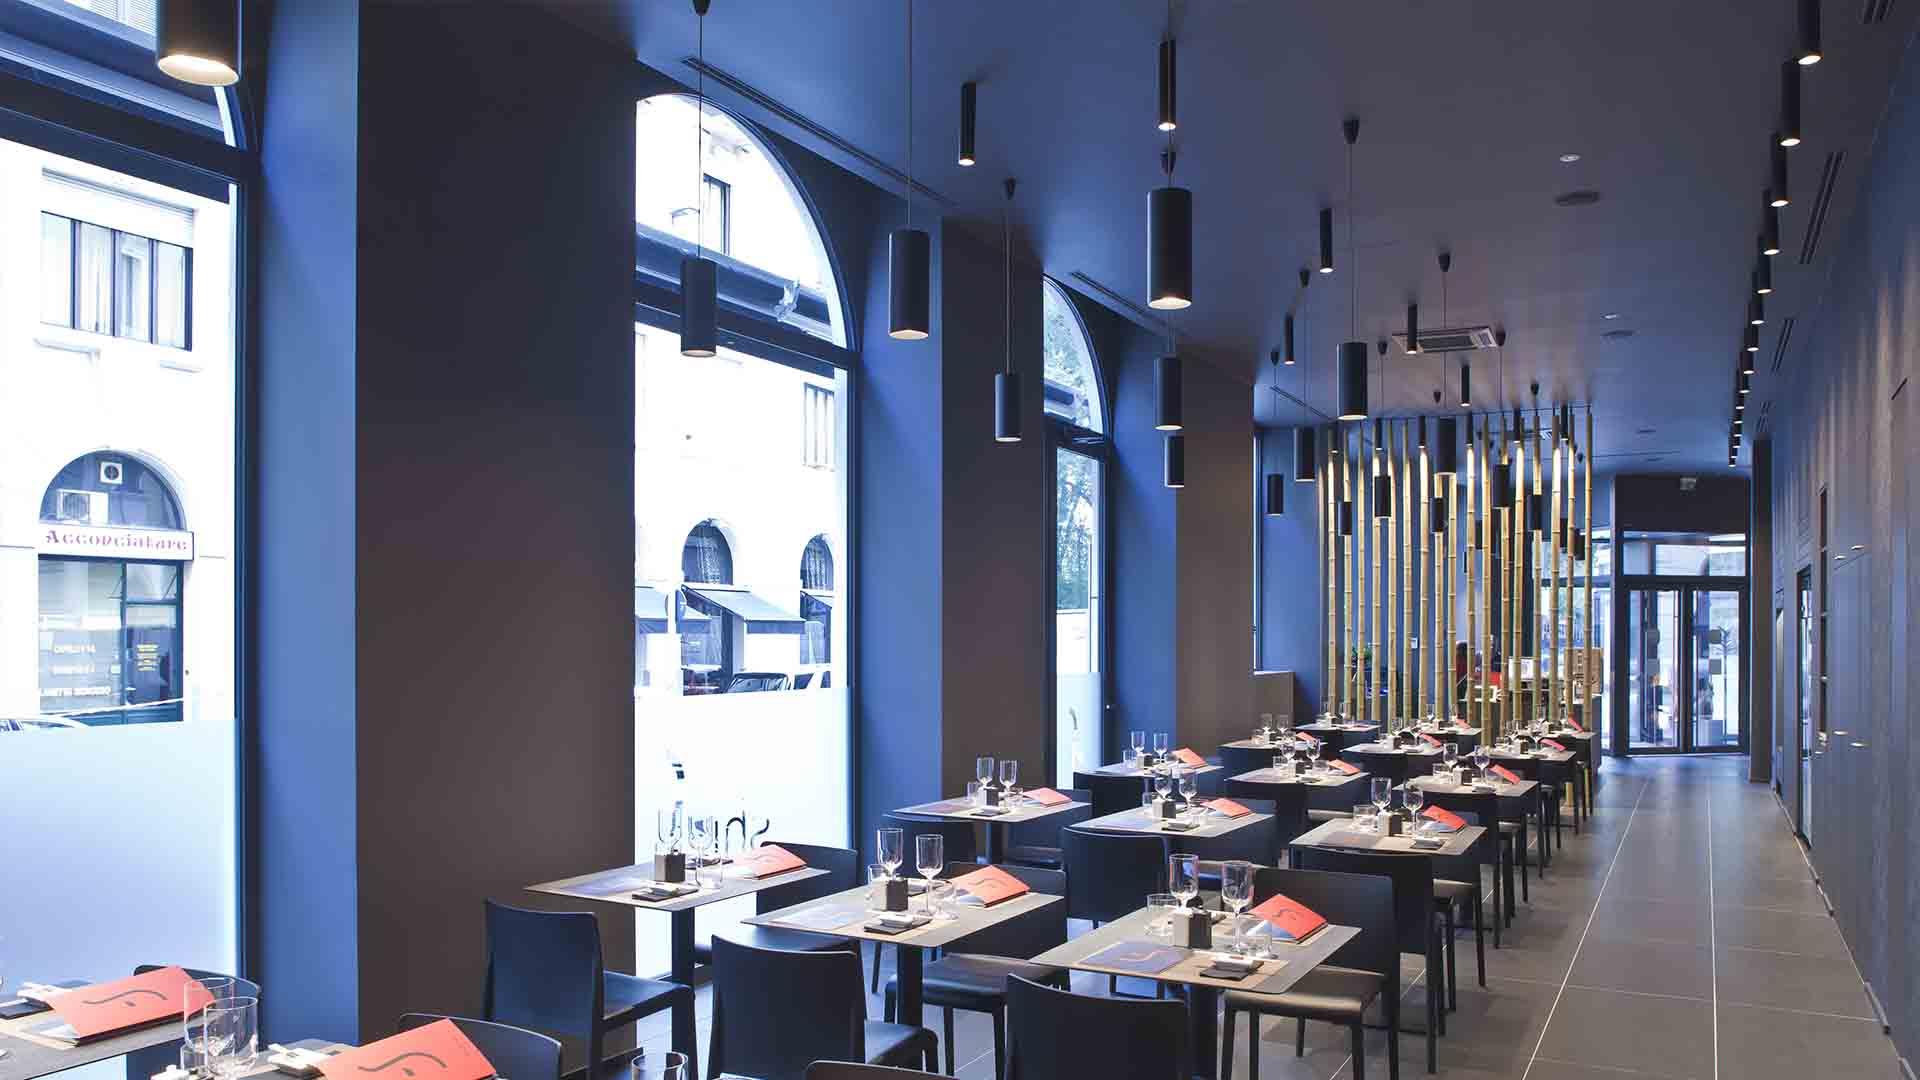 serramenti interno ristorante